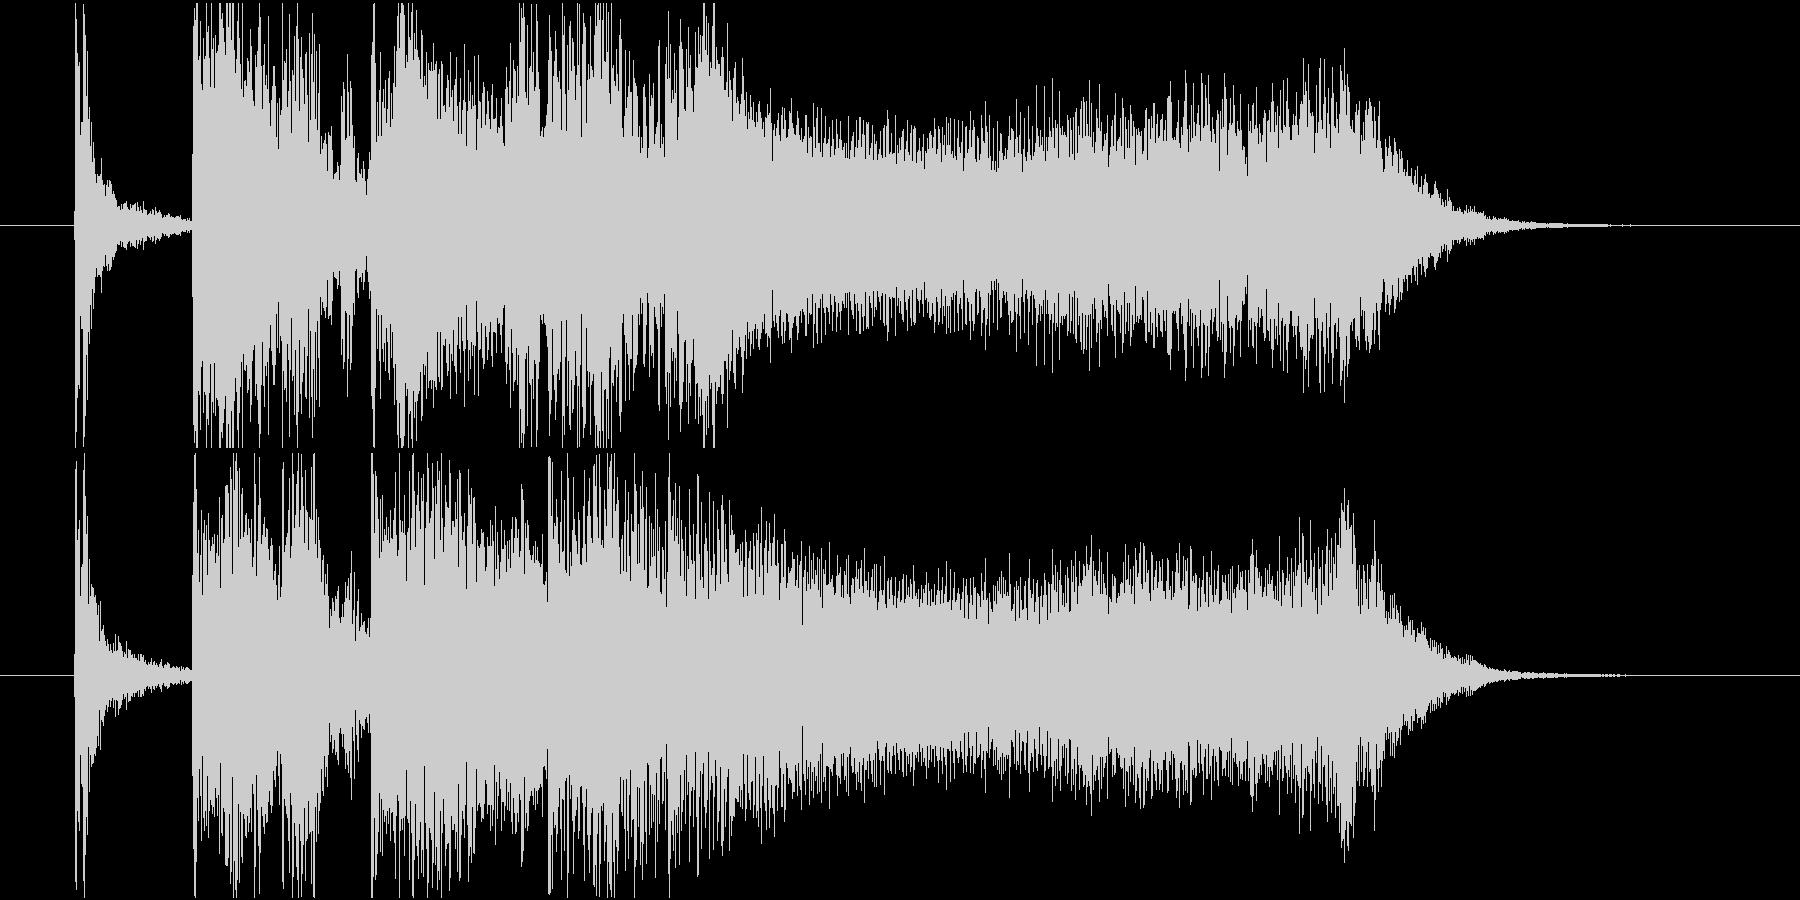 流麗なストリングスが特徴のジングルの未再生の波形